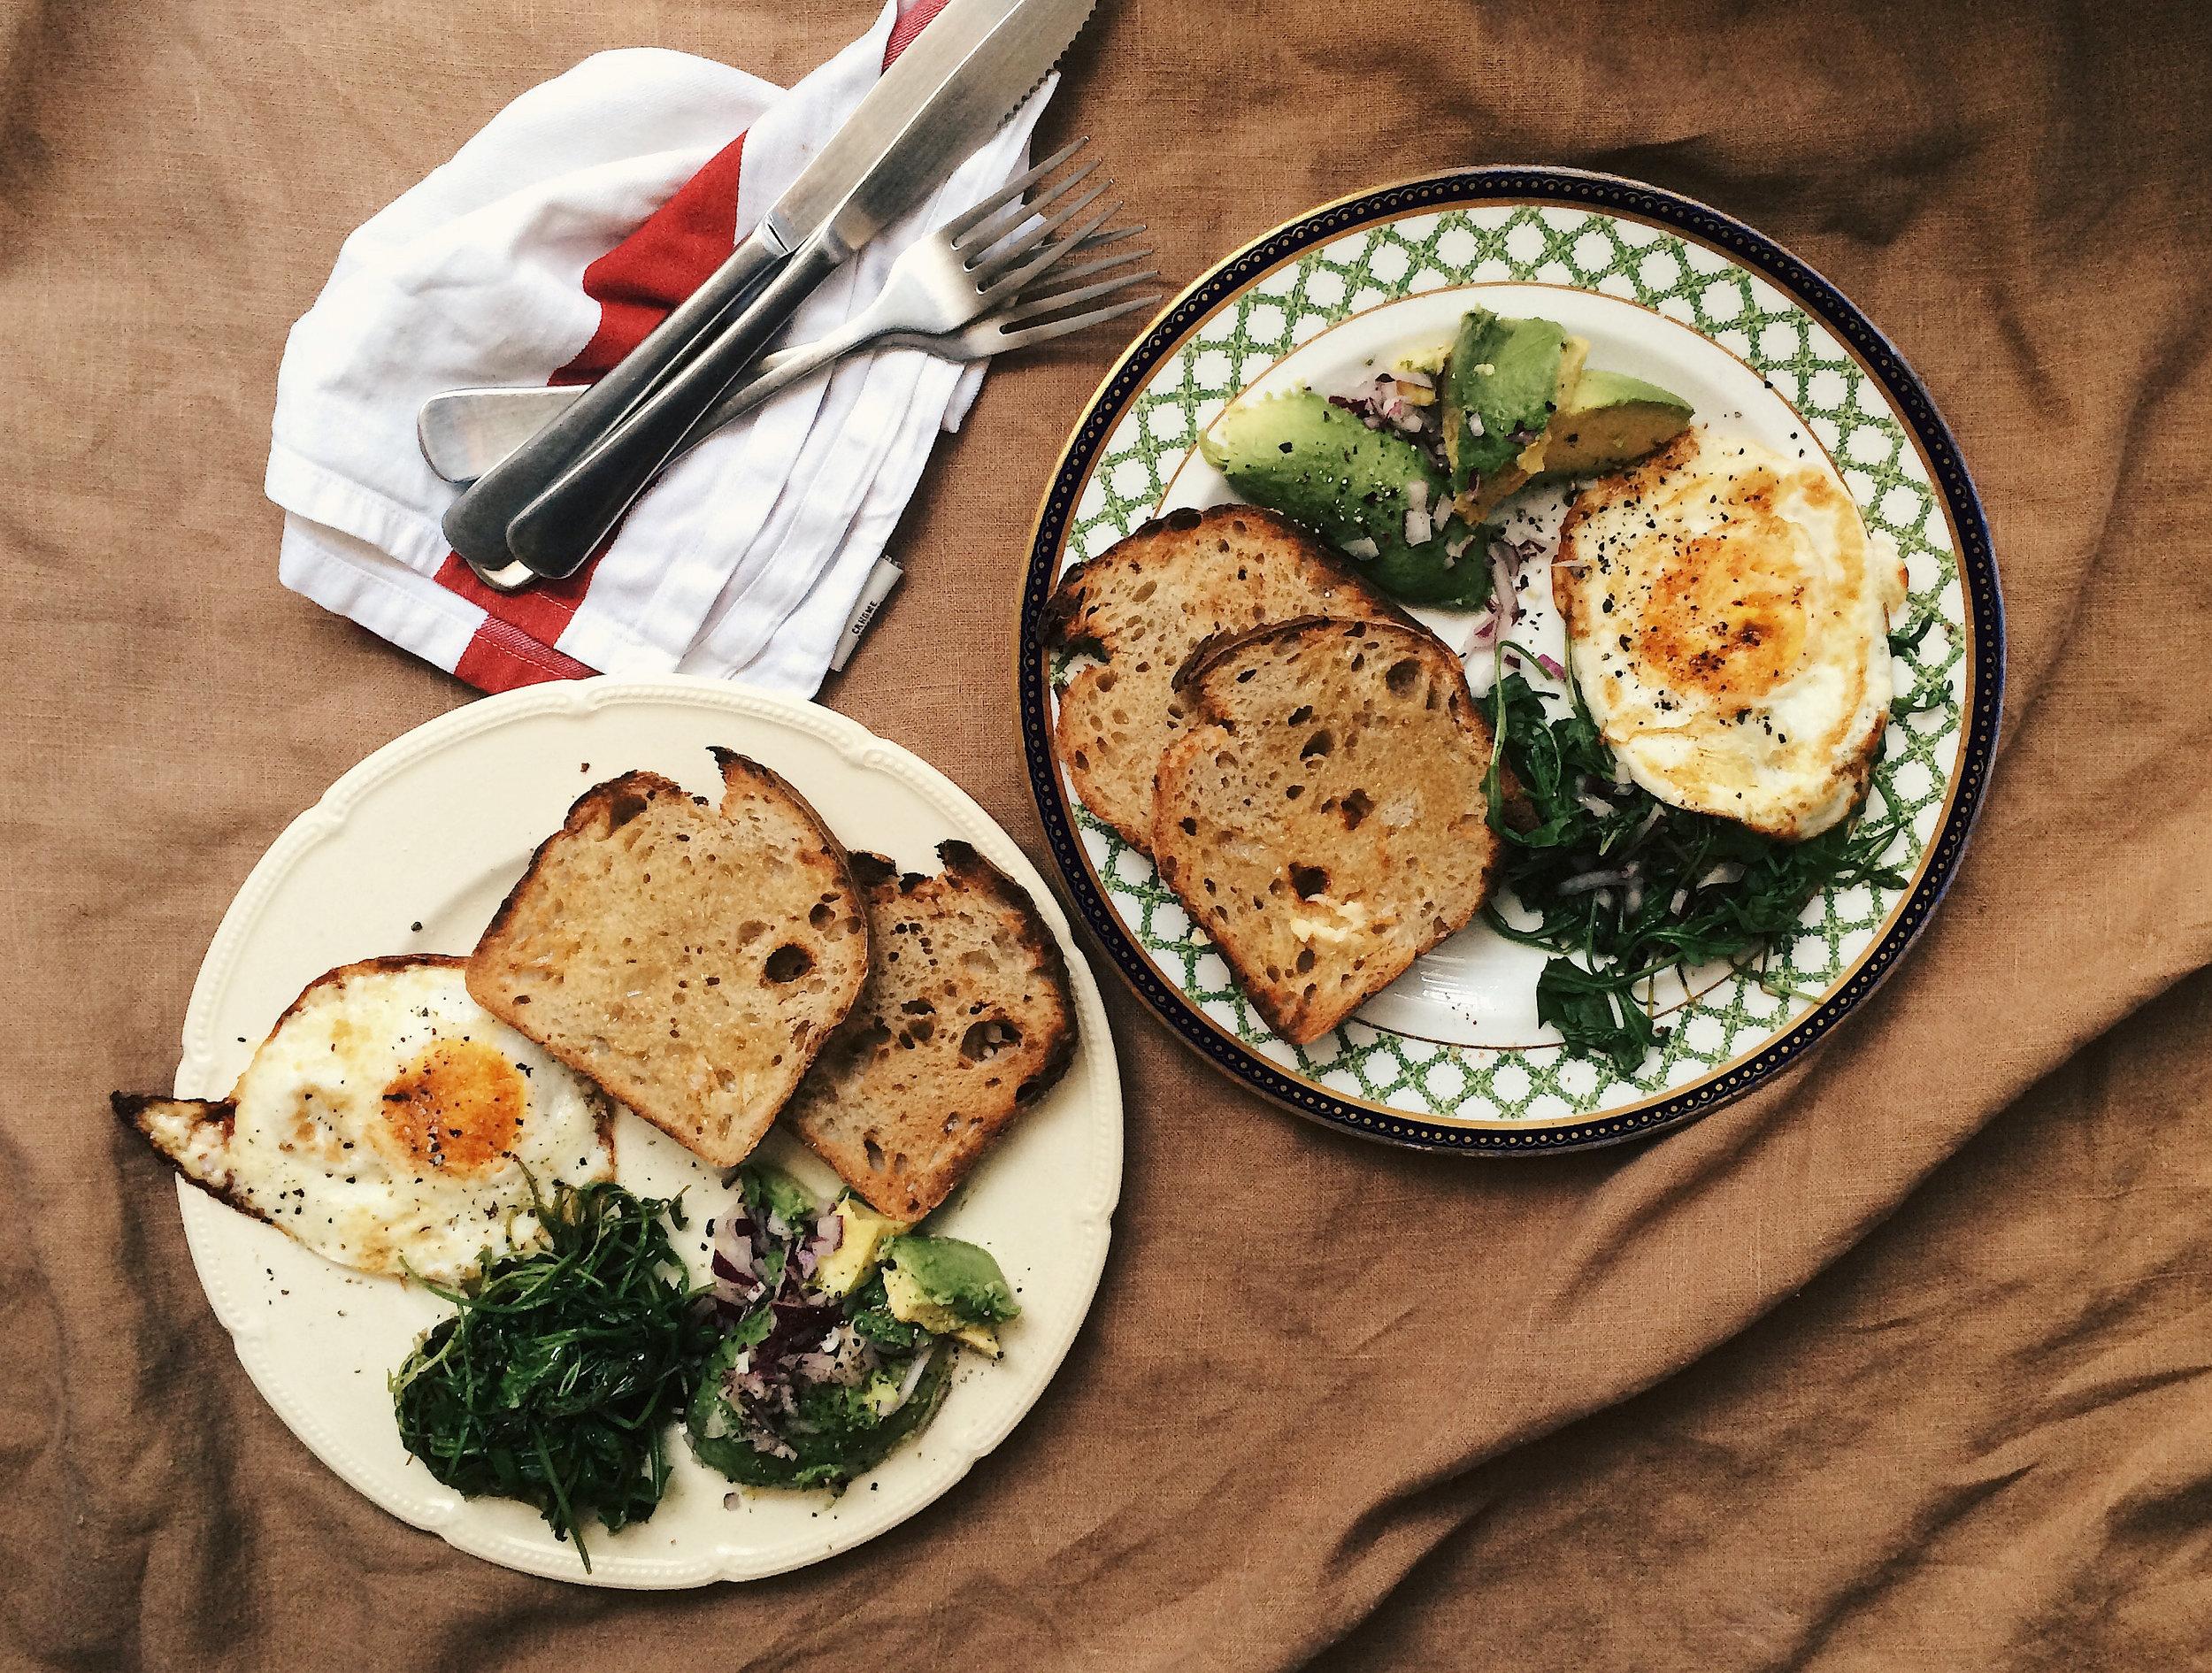 toast, eggs